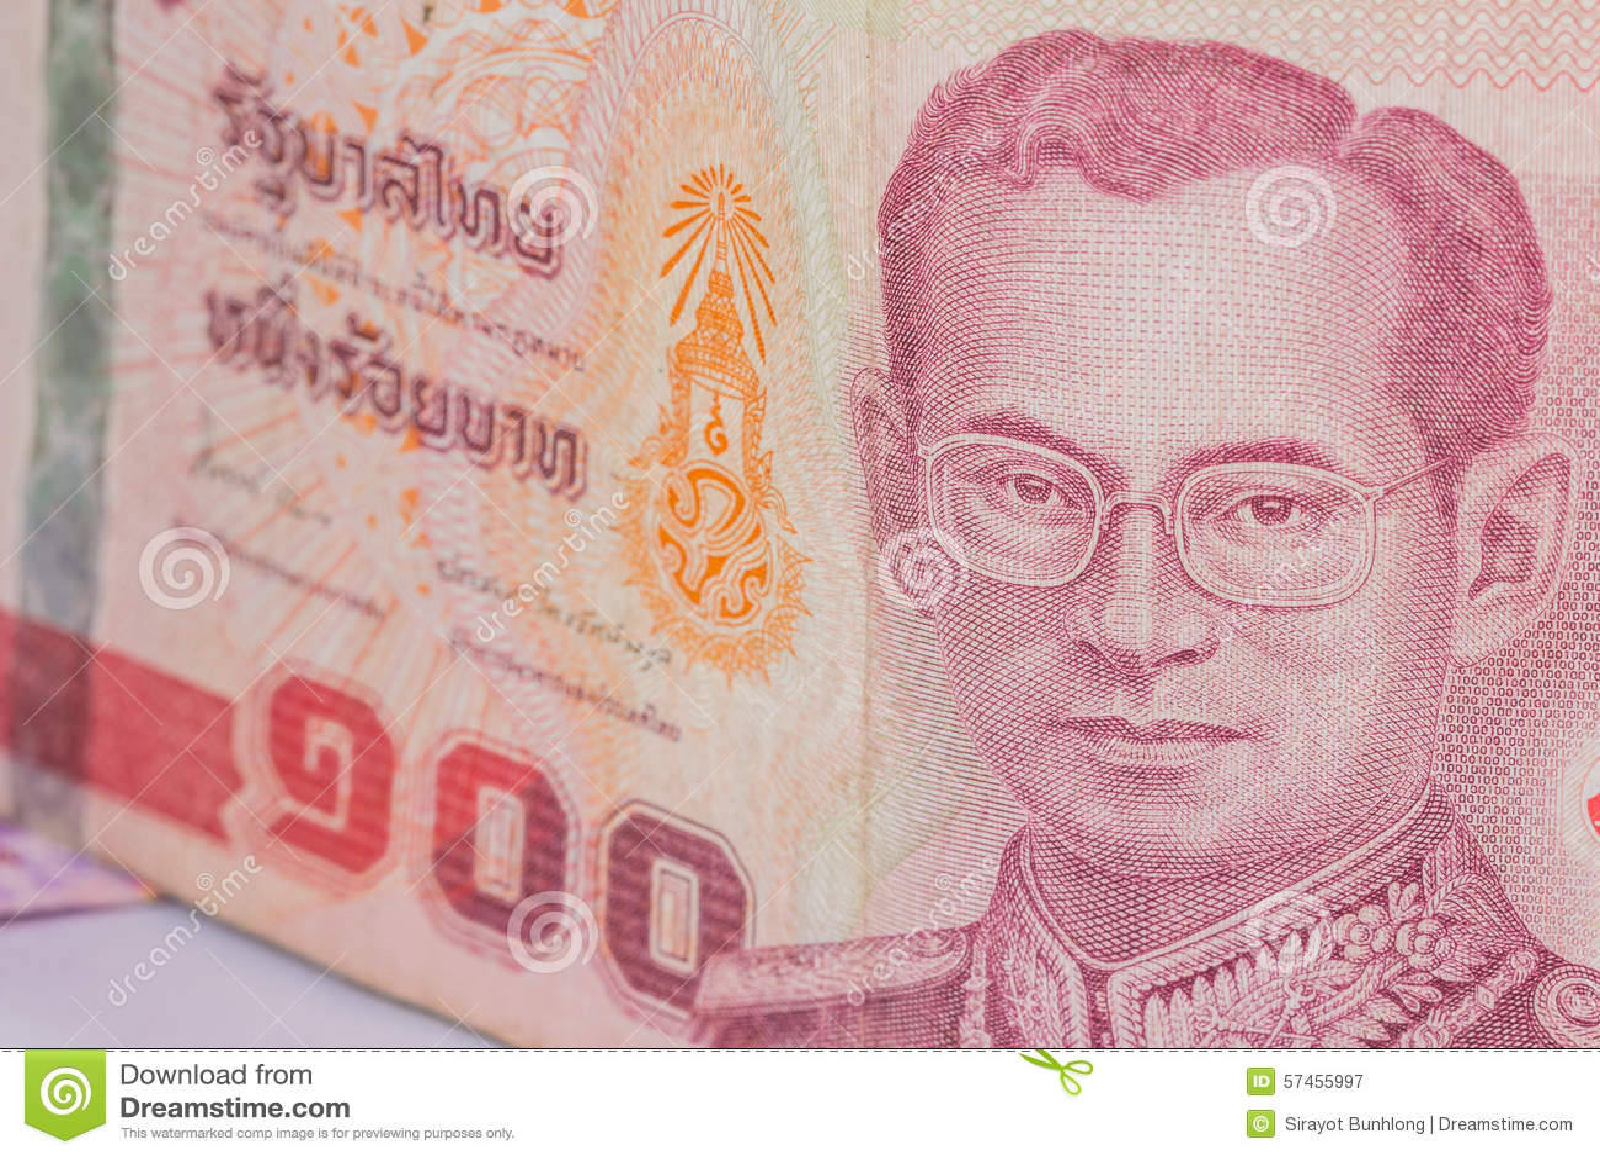 Feche acima da moeda de Tailândia, baht tailandês com as imagens do rei de Tailândia Denominação de 100 bahts